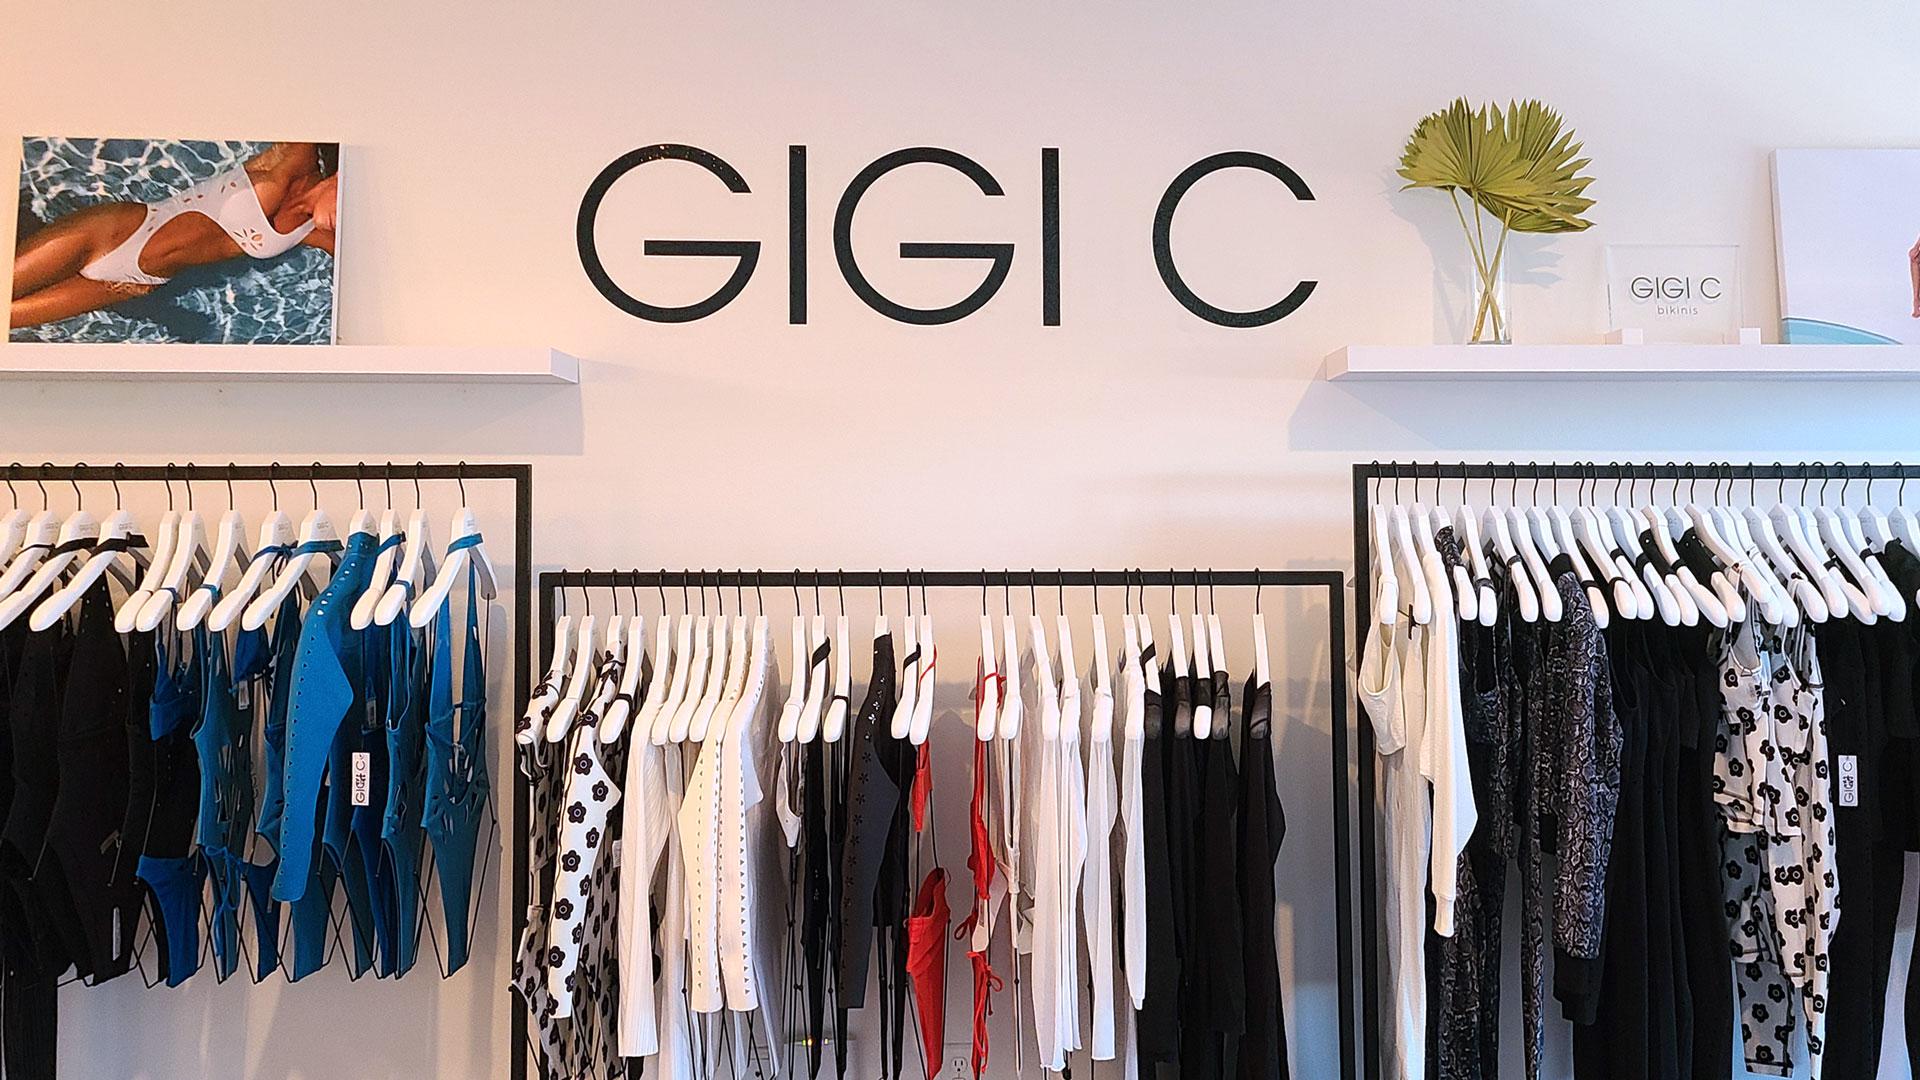 Gigi C interior vinyl lettering